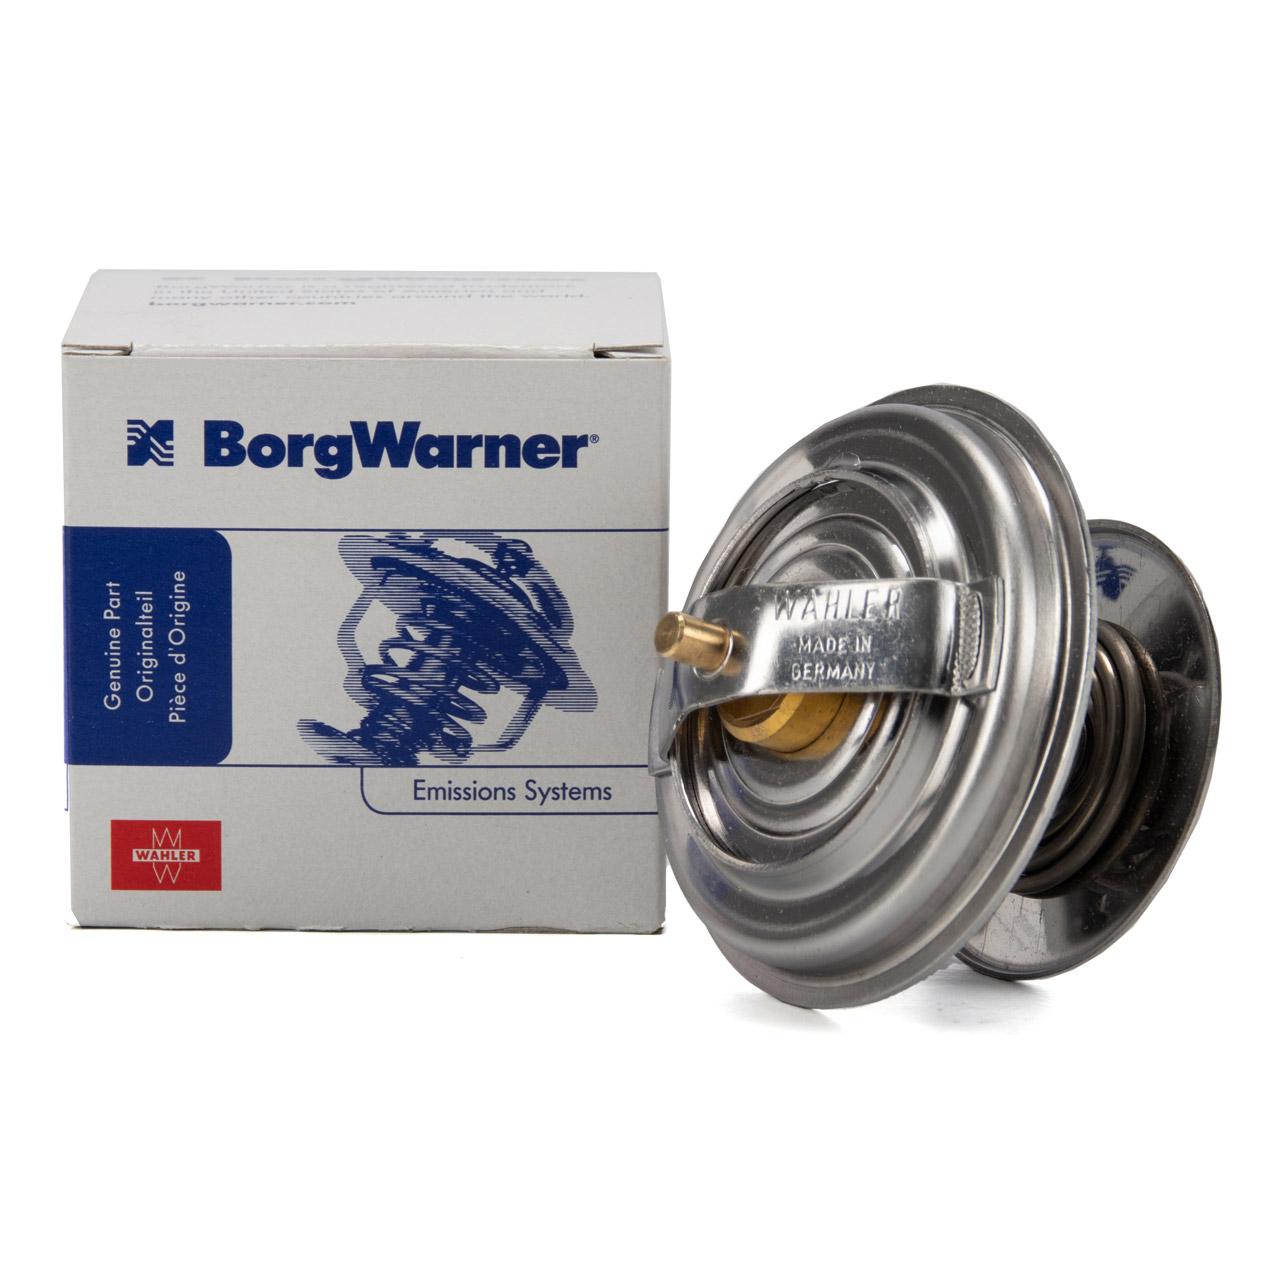 WAHLER 4161.83 Thermostat PORSCHE 928 4.5 4.7/5.0 S / GT 5.4 GTS 92810612917